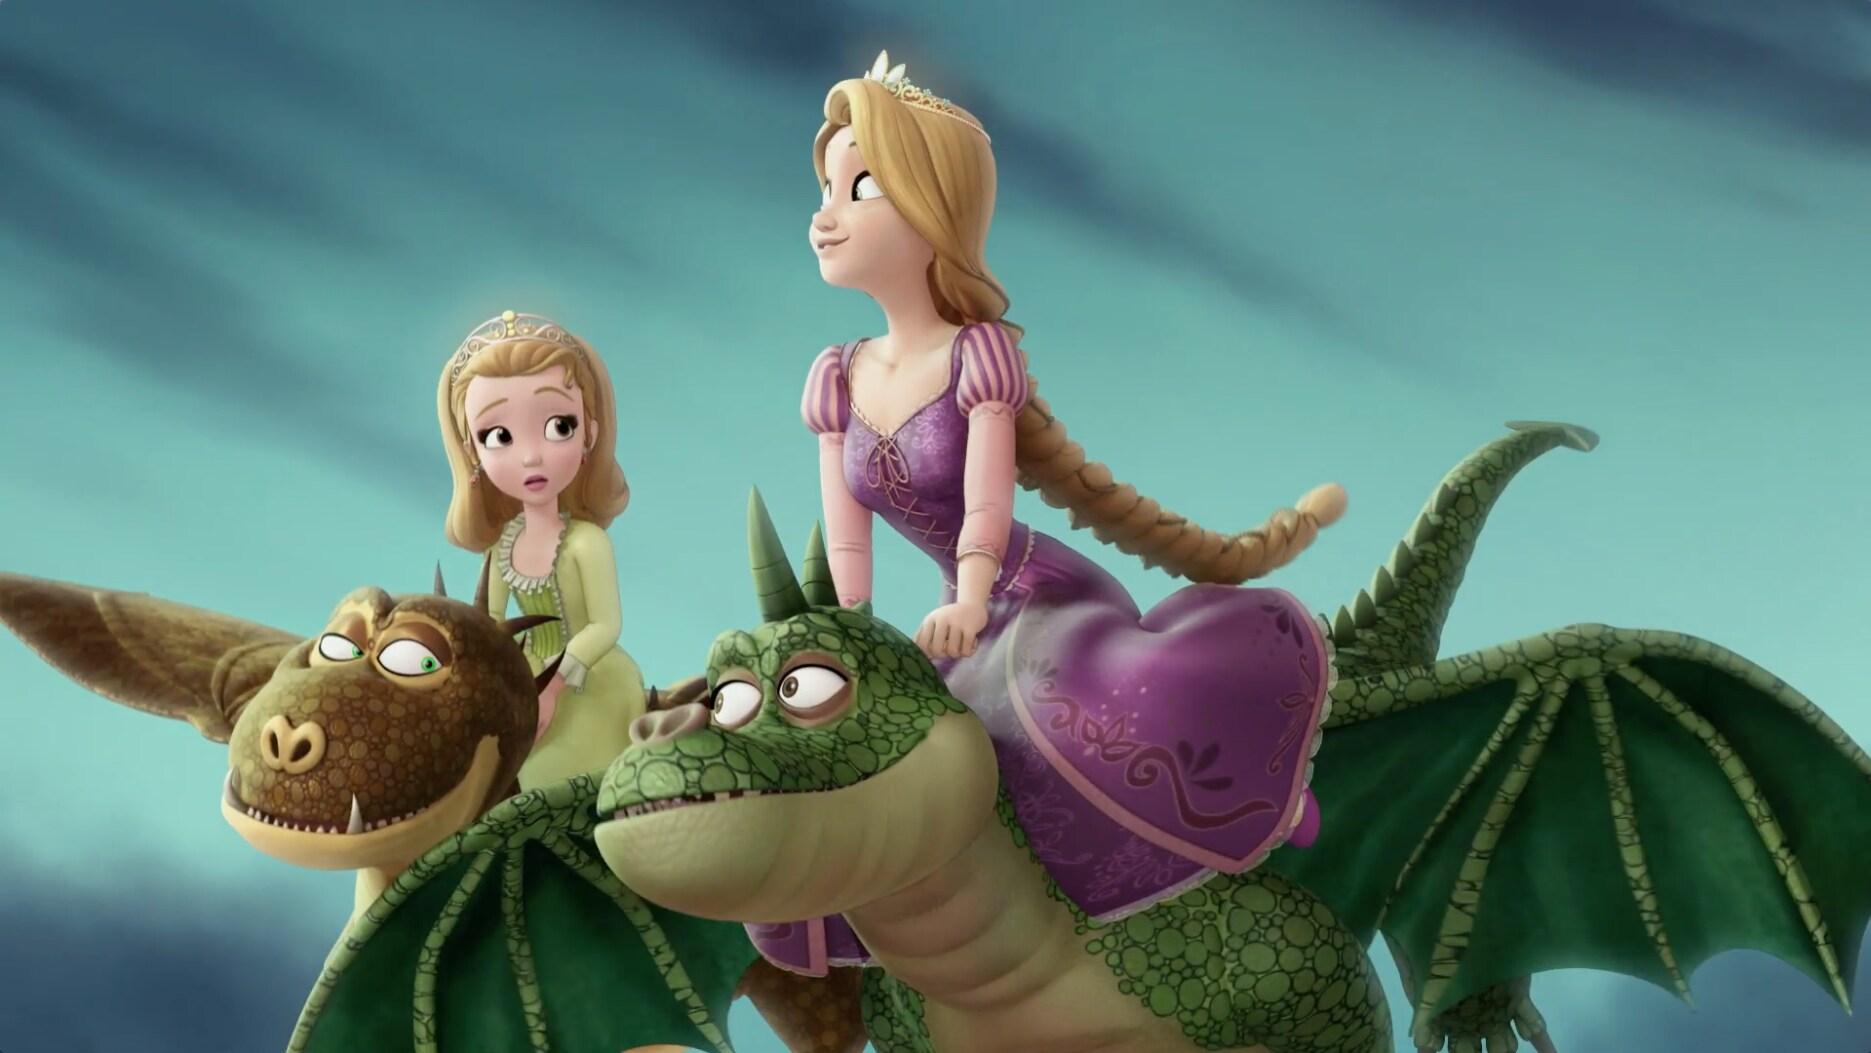 Todo arriesgarás - Princesita Sofía y Rapunzel - Soy una princesa